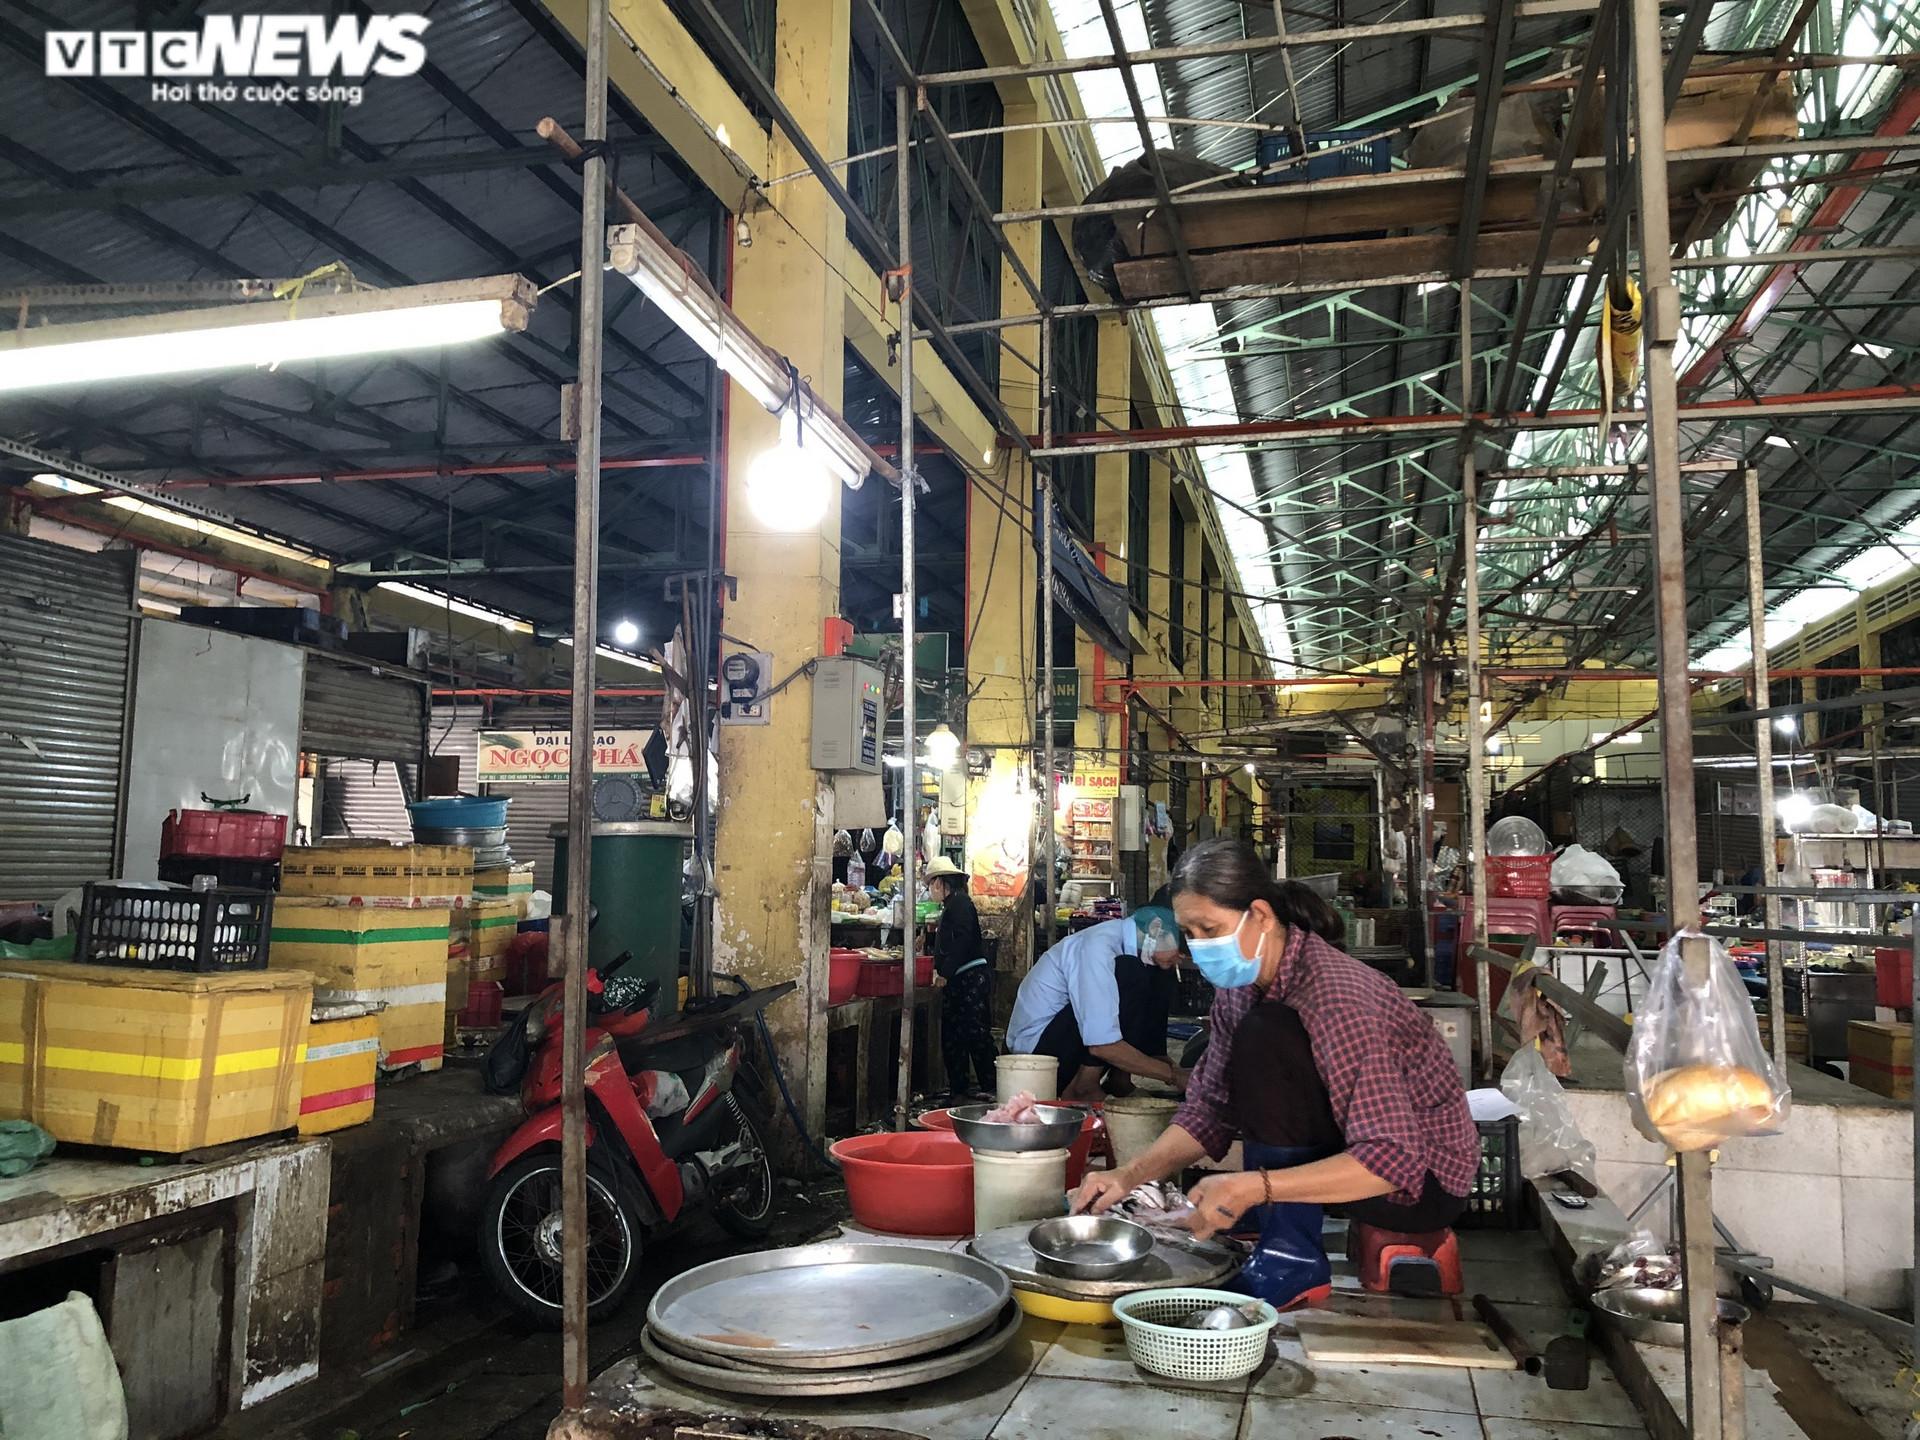 Ảnh: Hàng hóa chất đầy kệ, người Sài Gòn không cần lo thiếu thực phẩm - 5